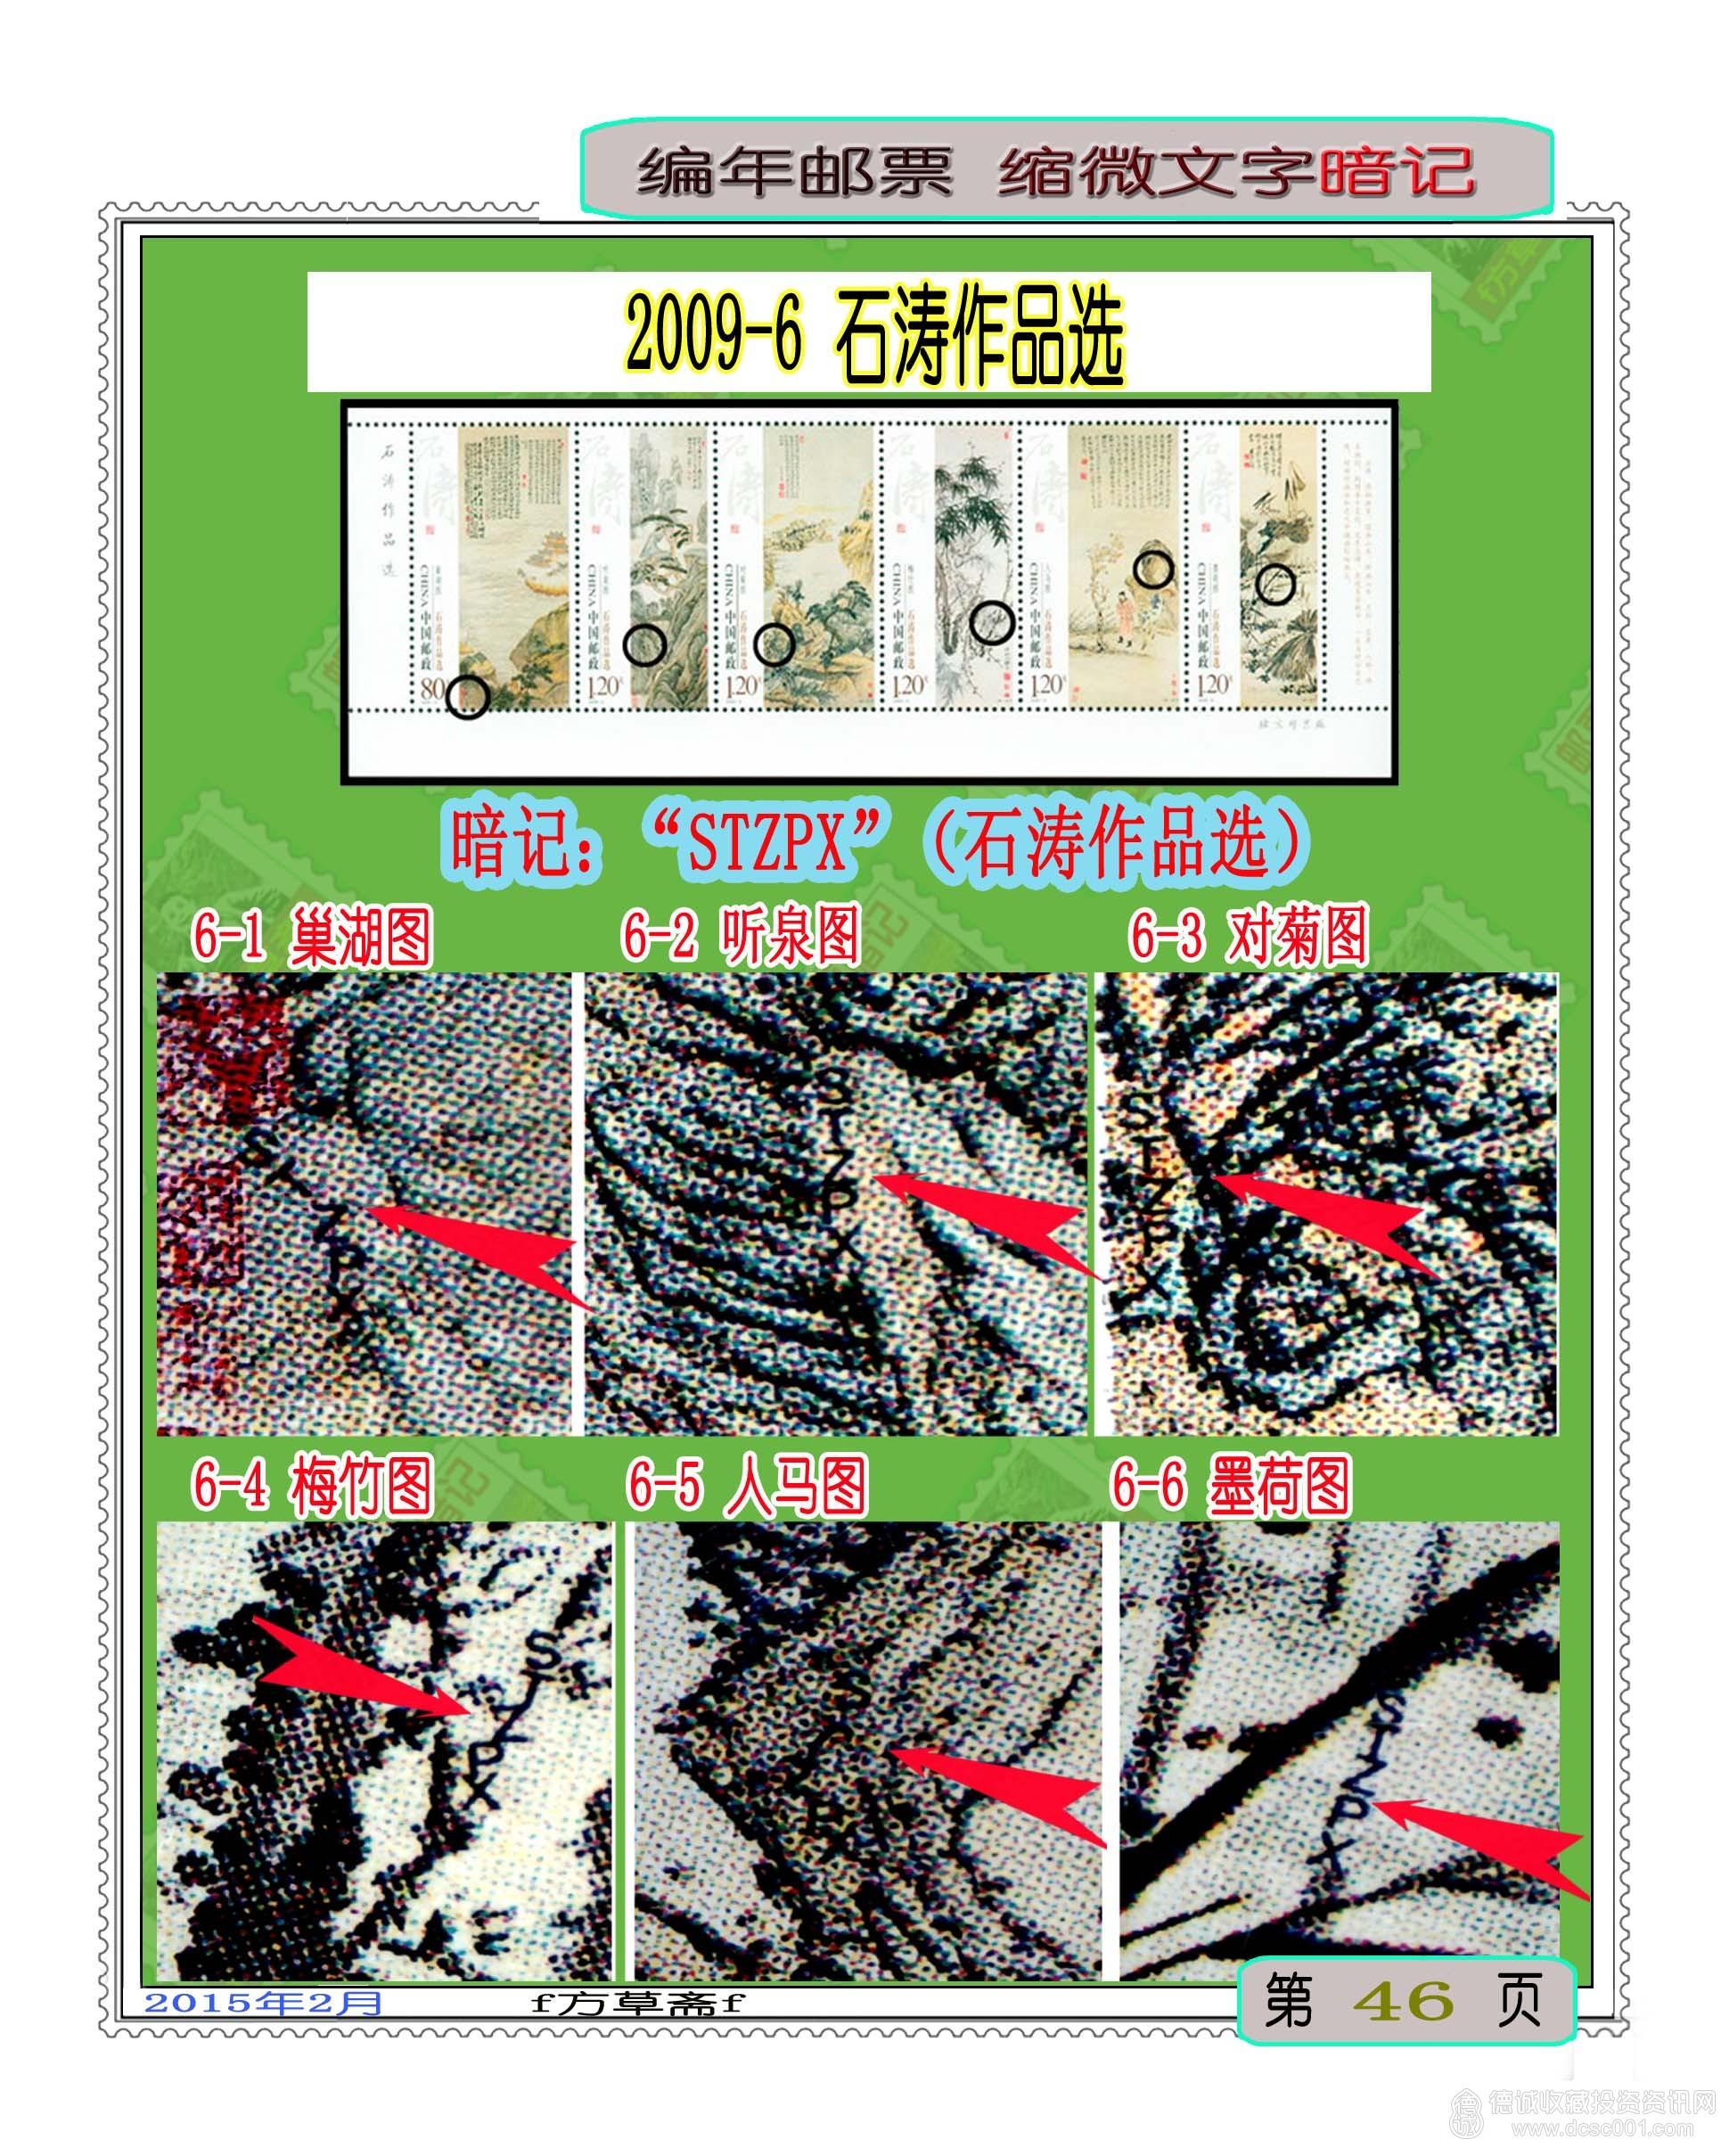 2009-6 石涛作品选.jpg